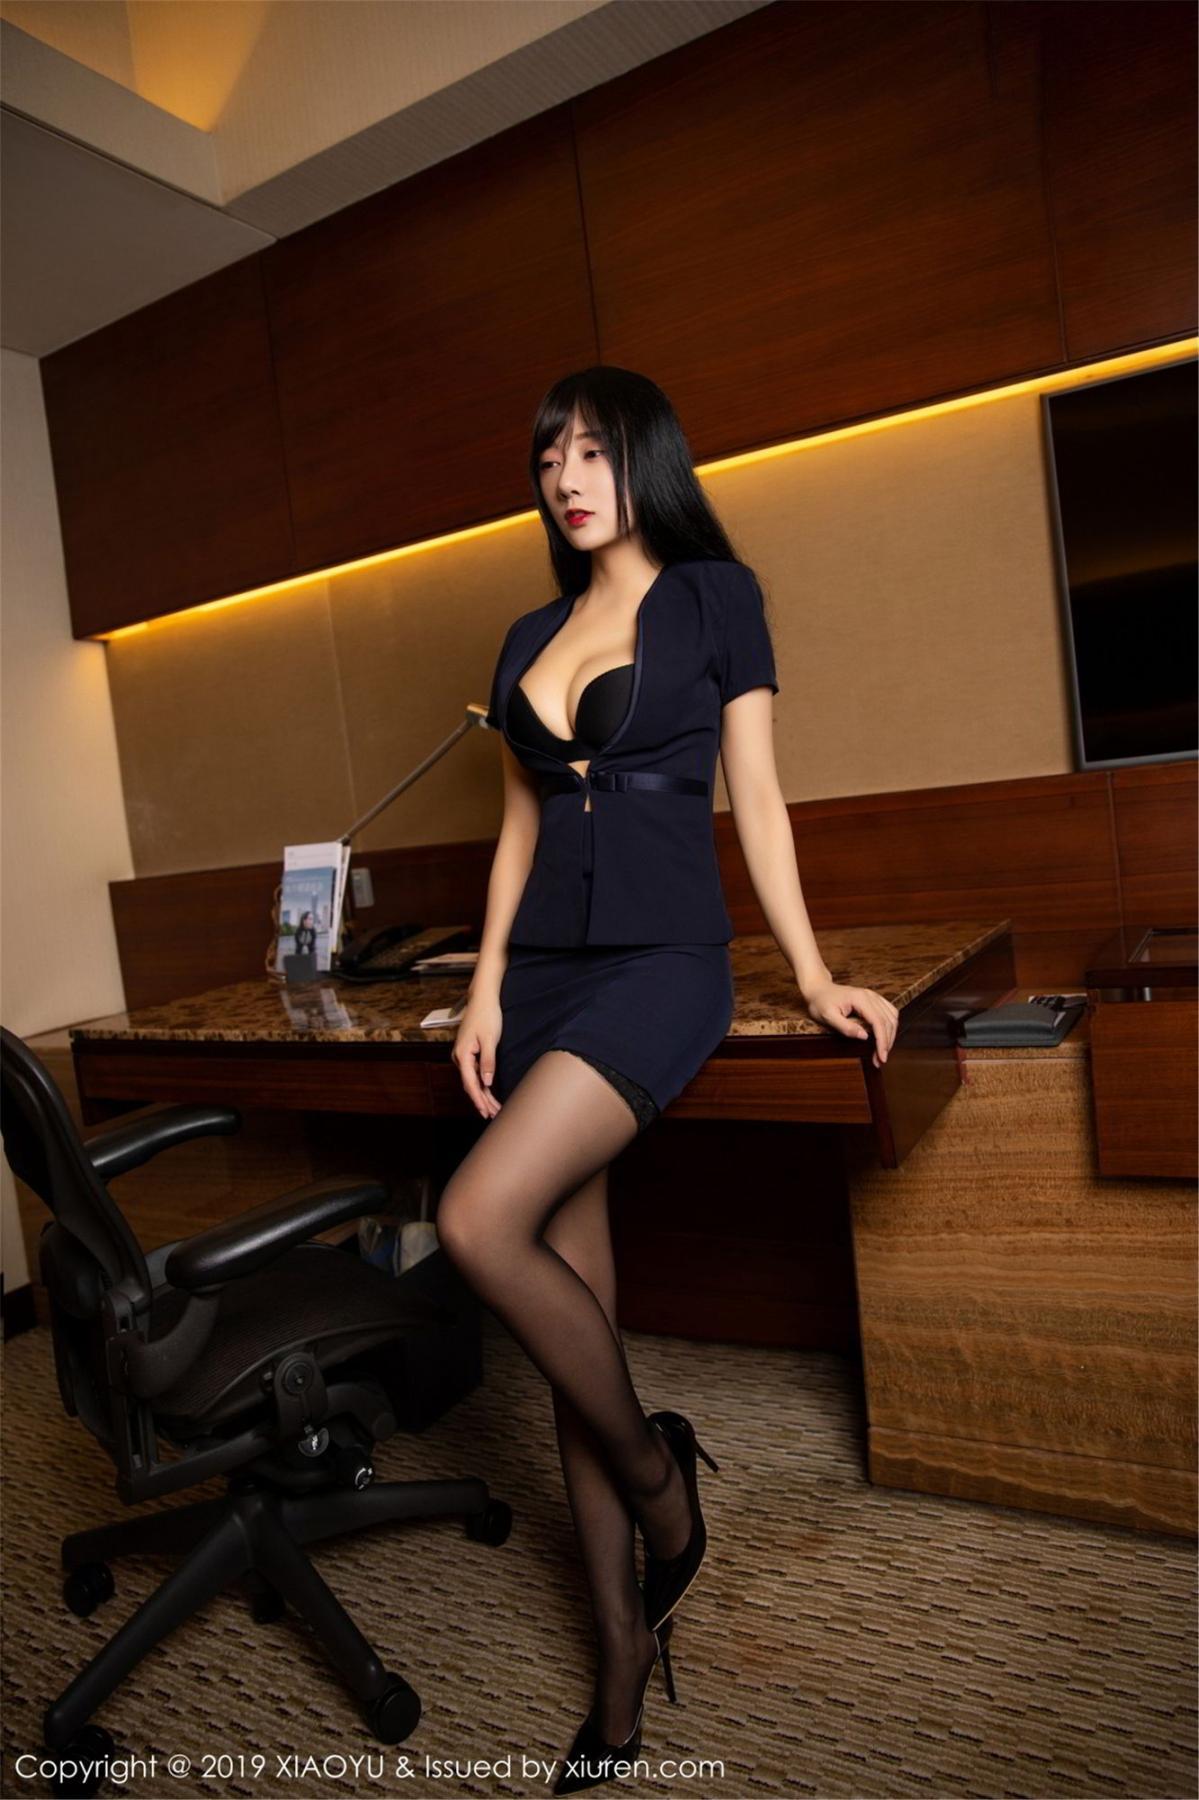 [XiaoYu] Vol.068 He Jia Ying 1P, Black Silk, He Jia Ying, Uniform, XiaoYu